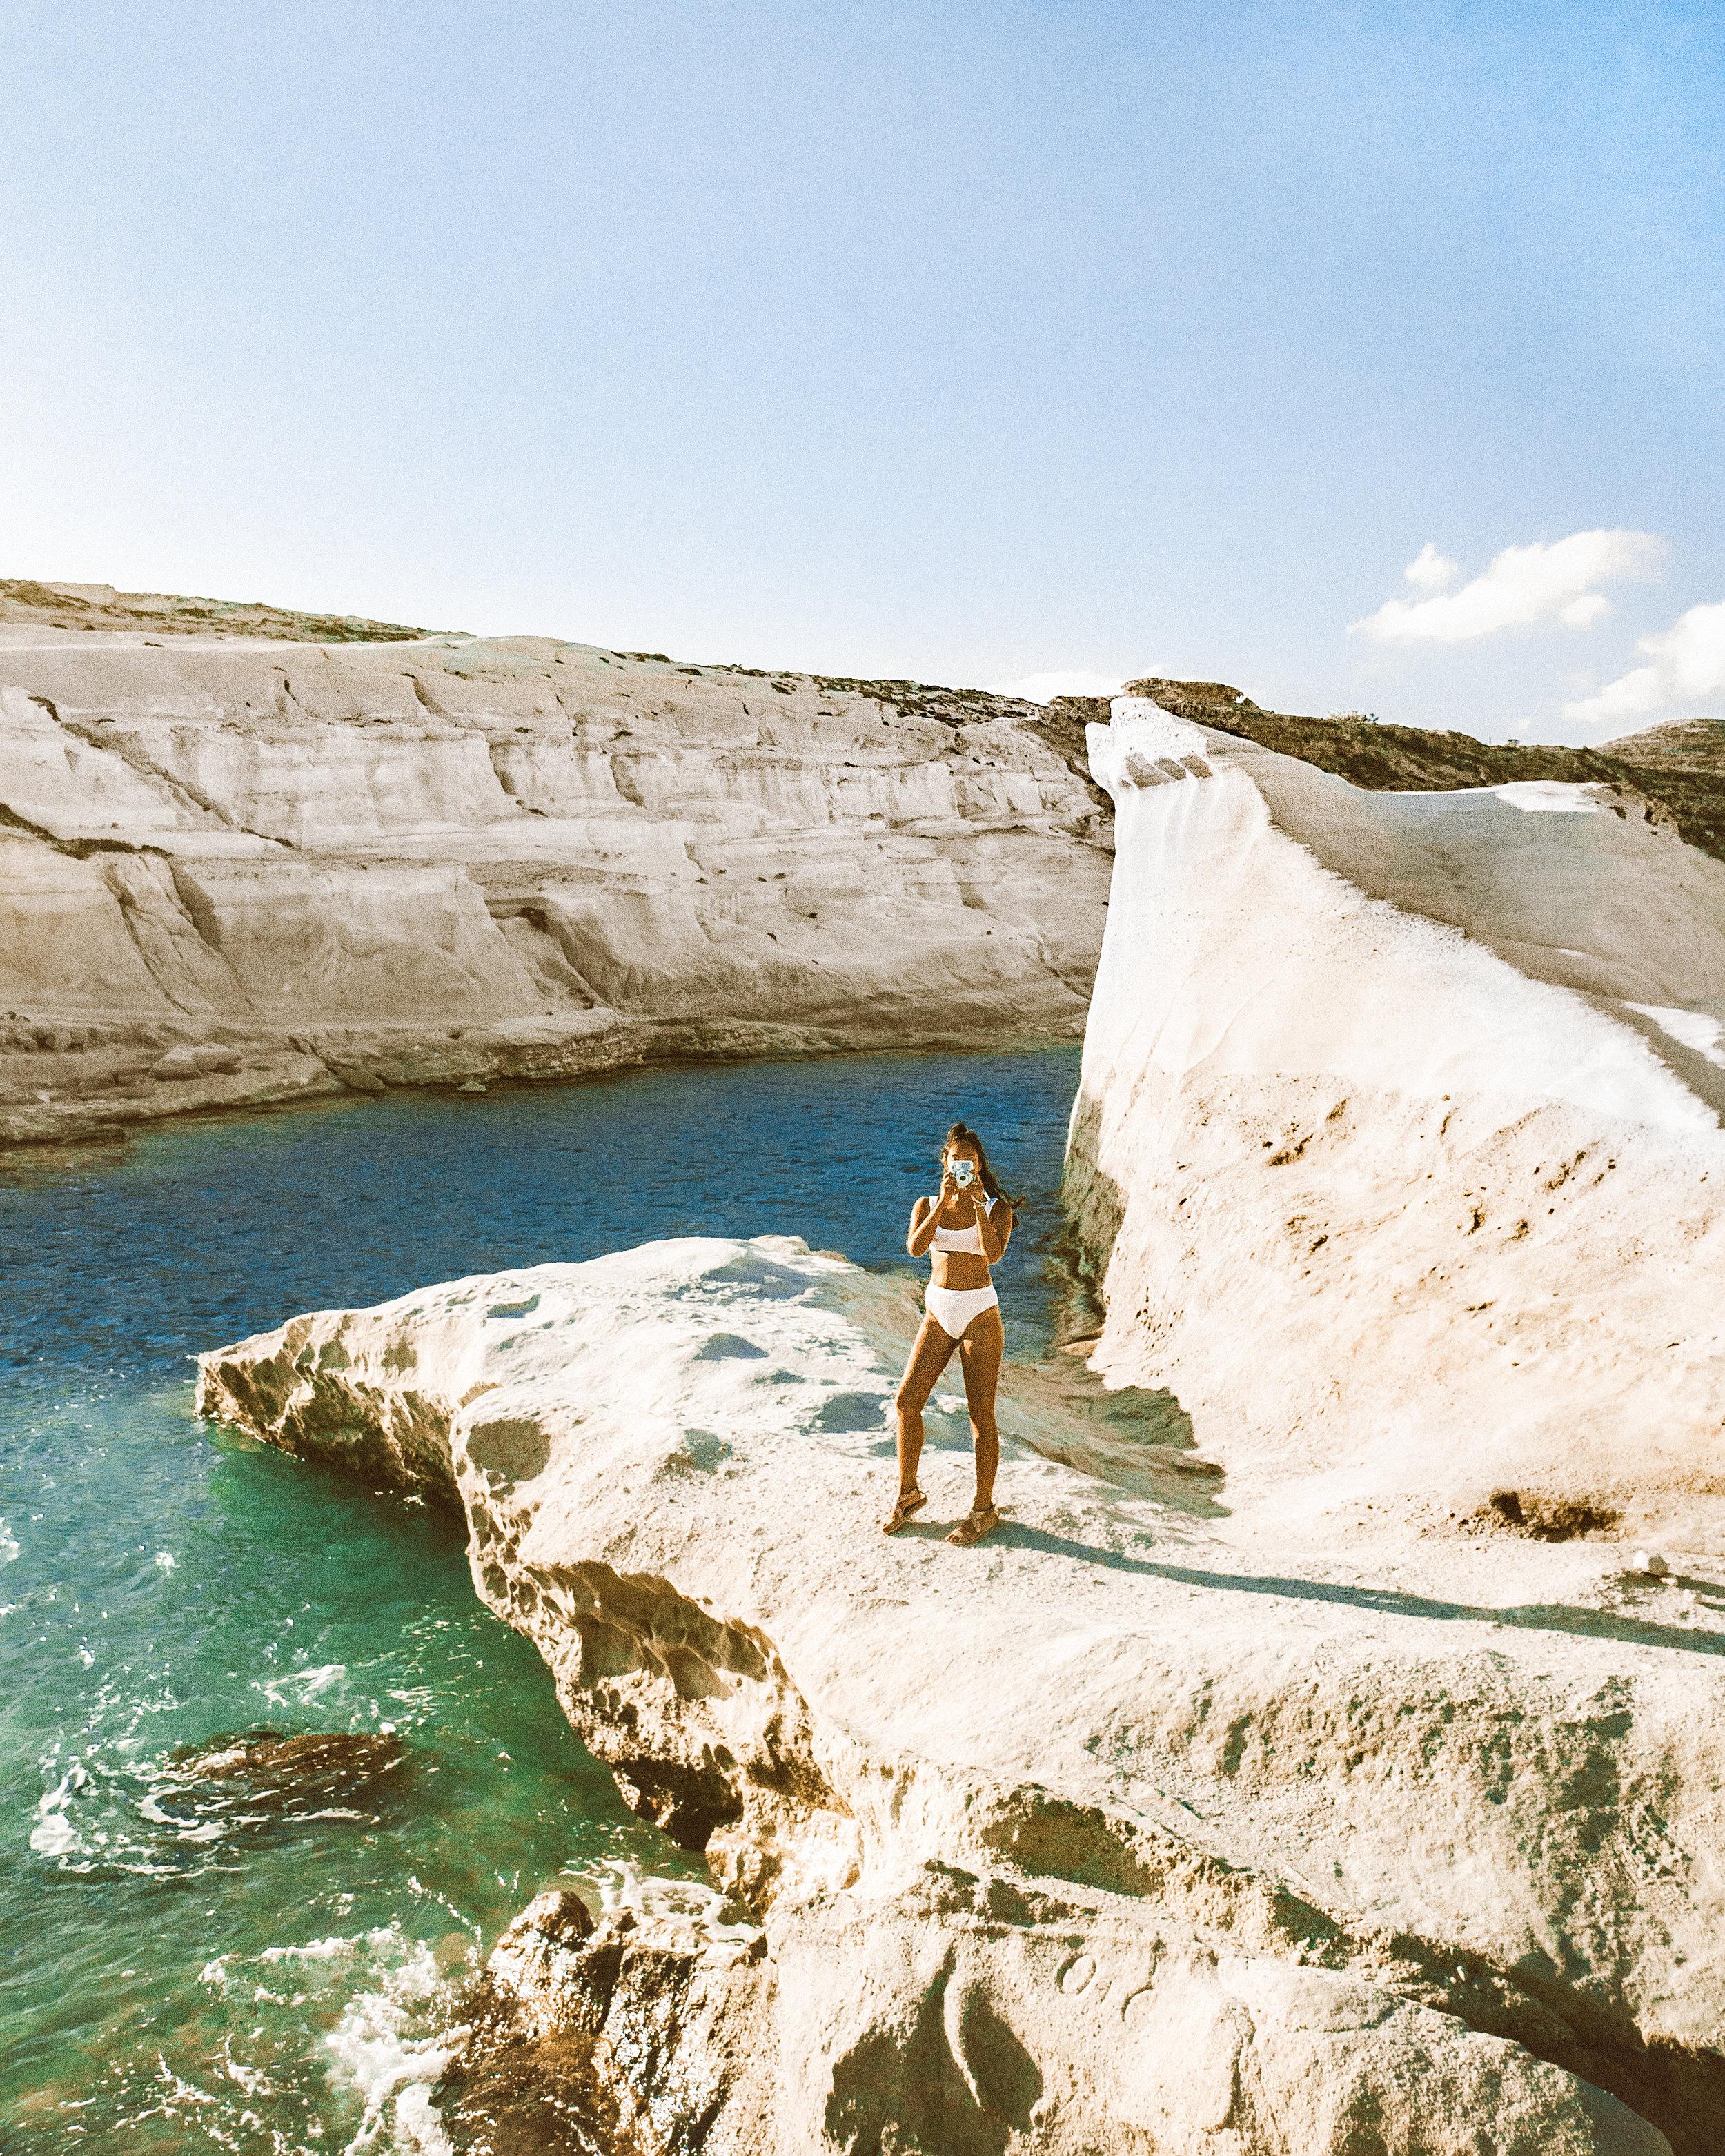 Mel standing on Sarakiniko Beach in Milos, Greece, taking a Polaroid photo